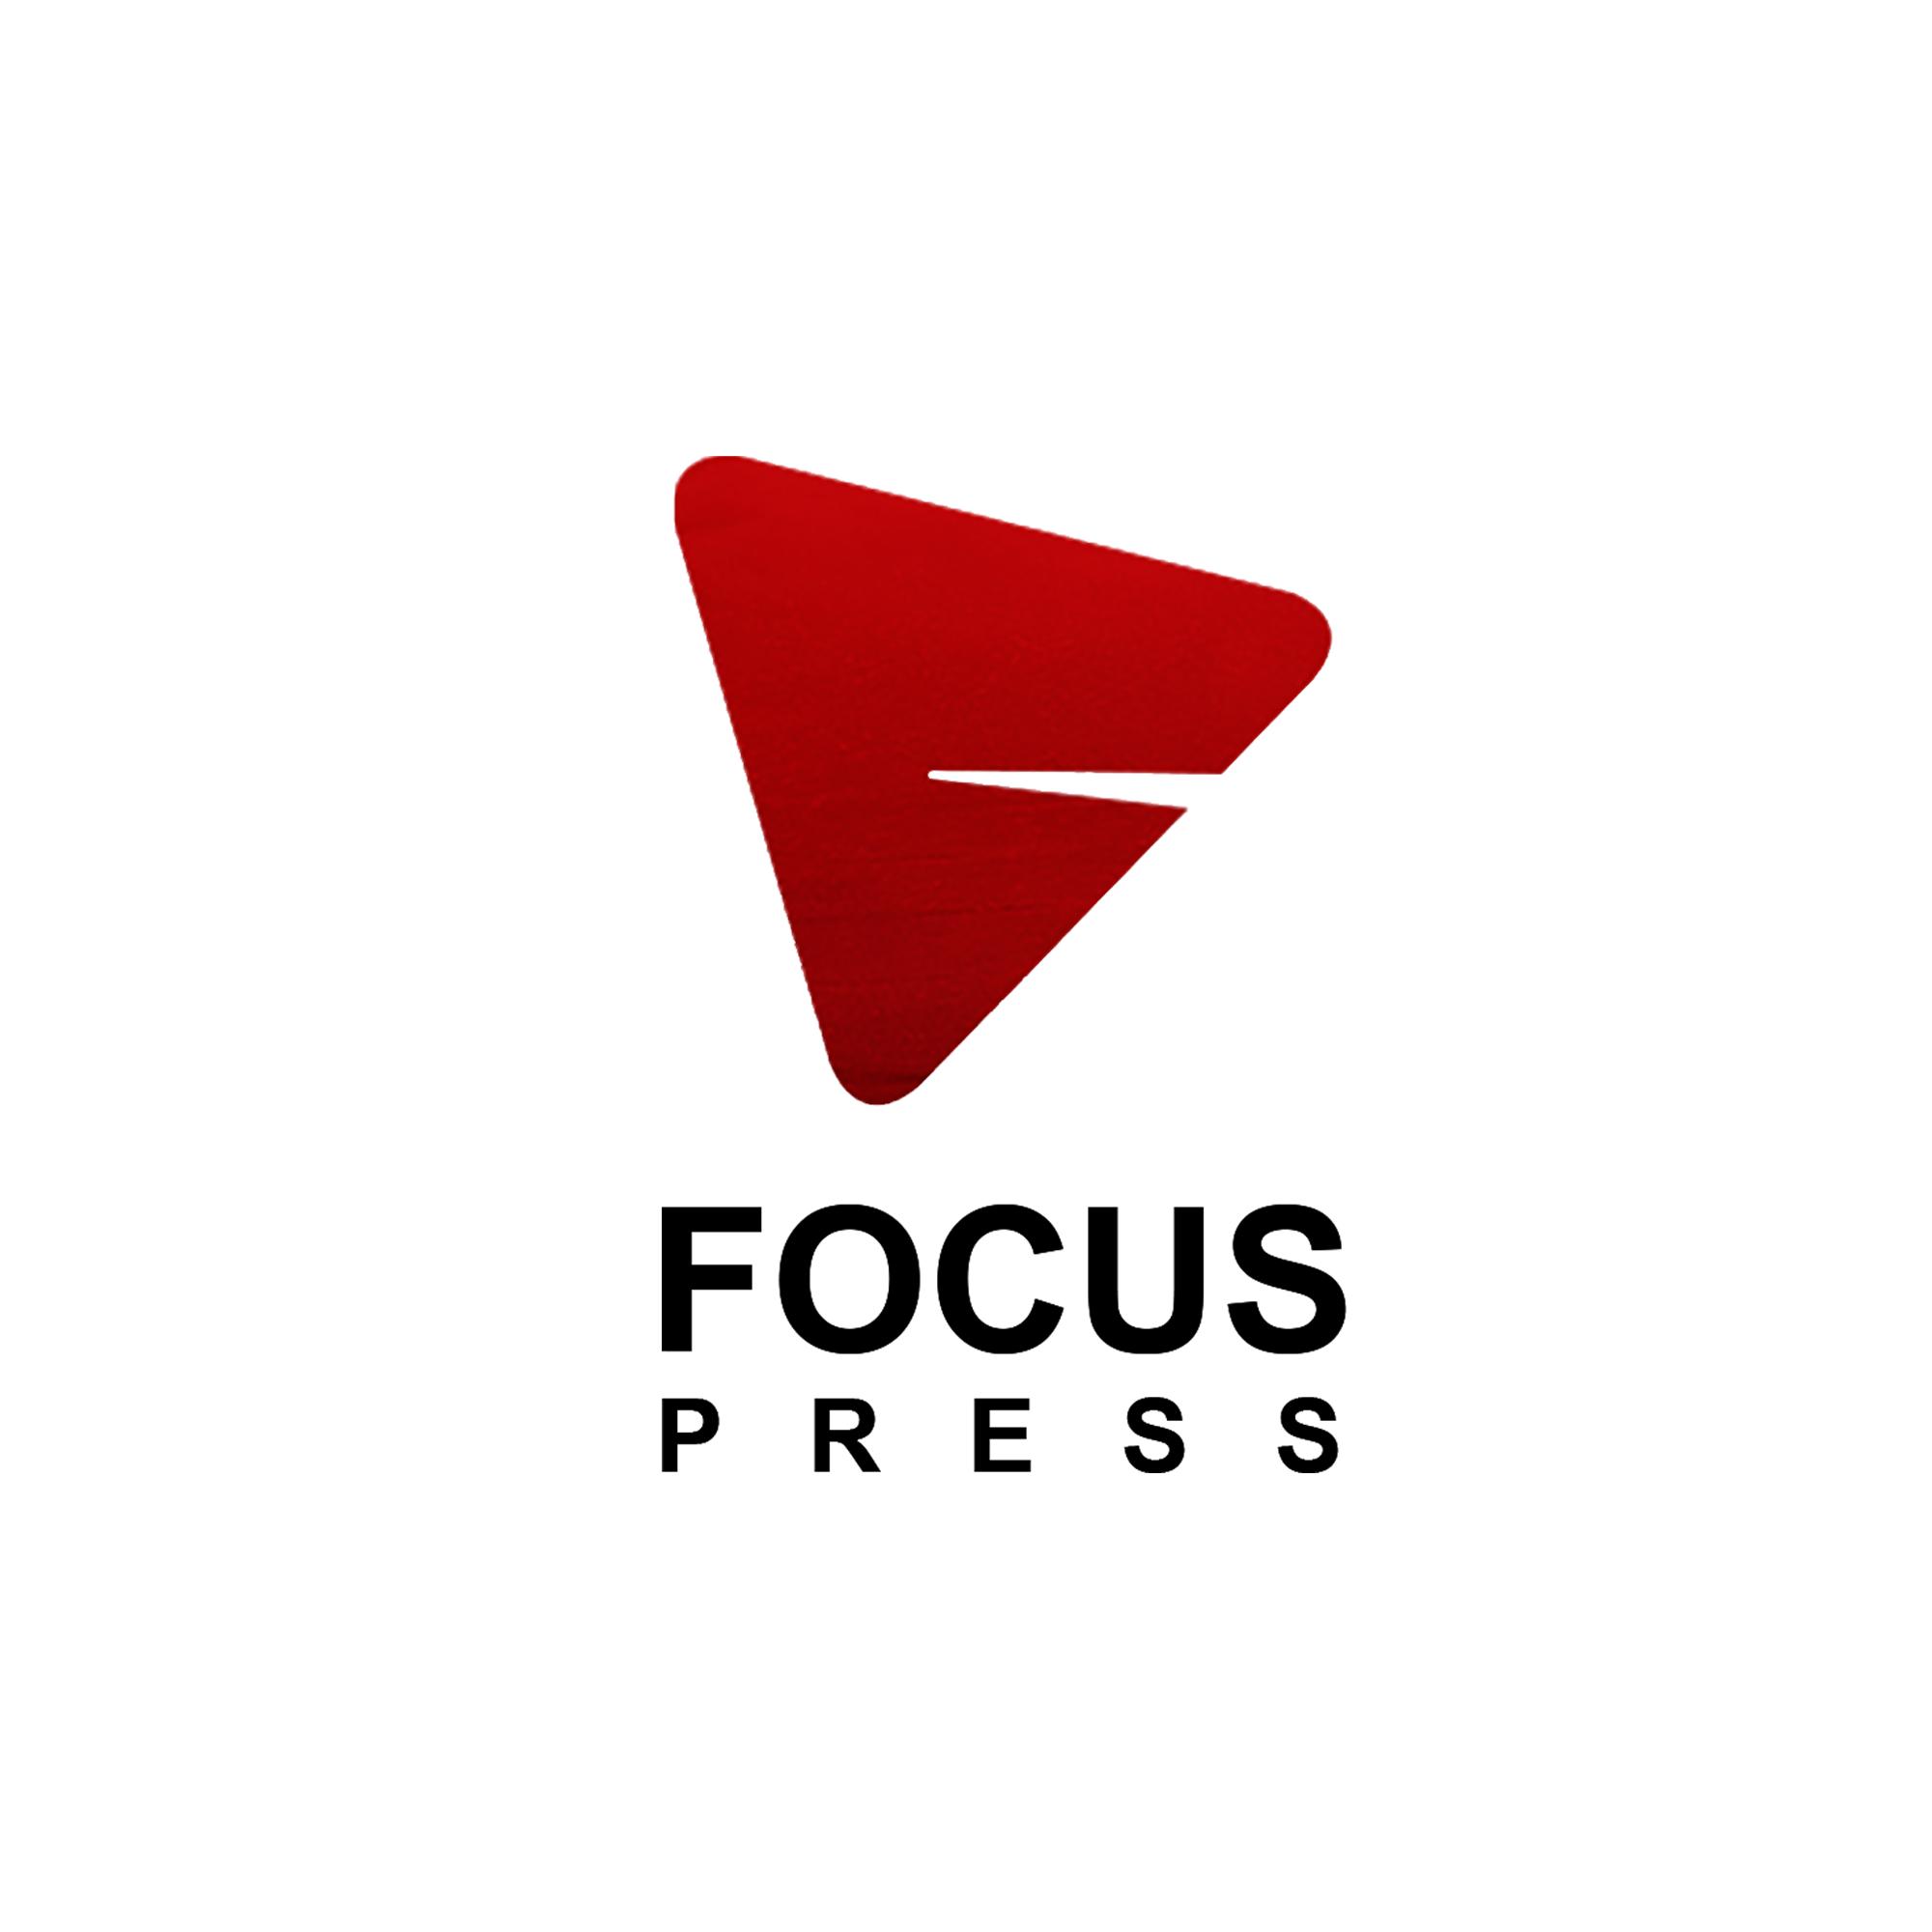 Focus Press